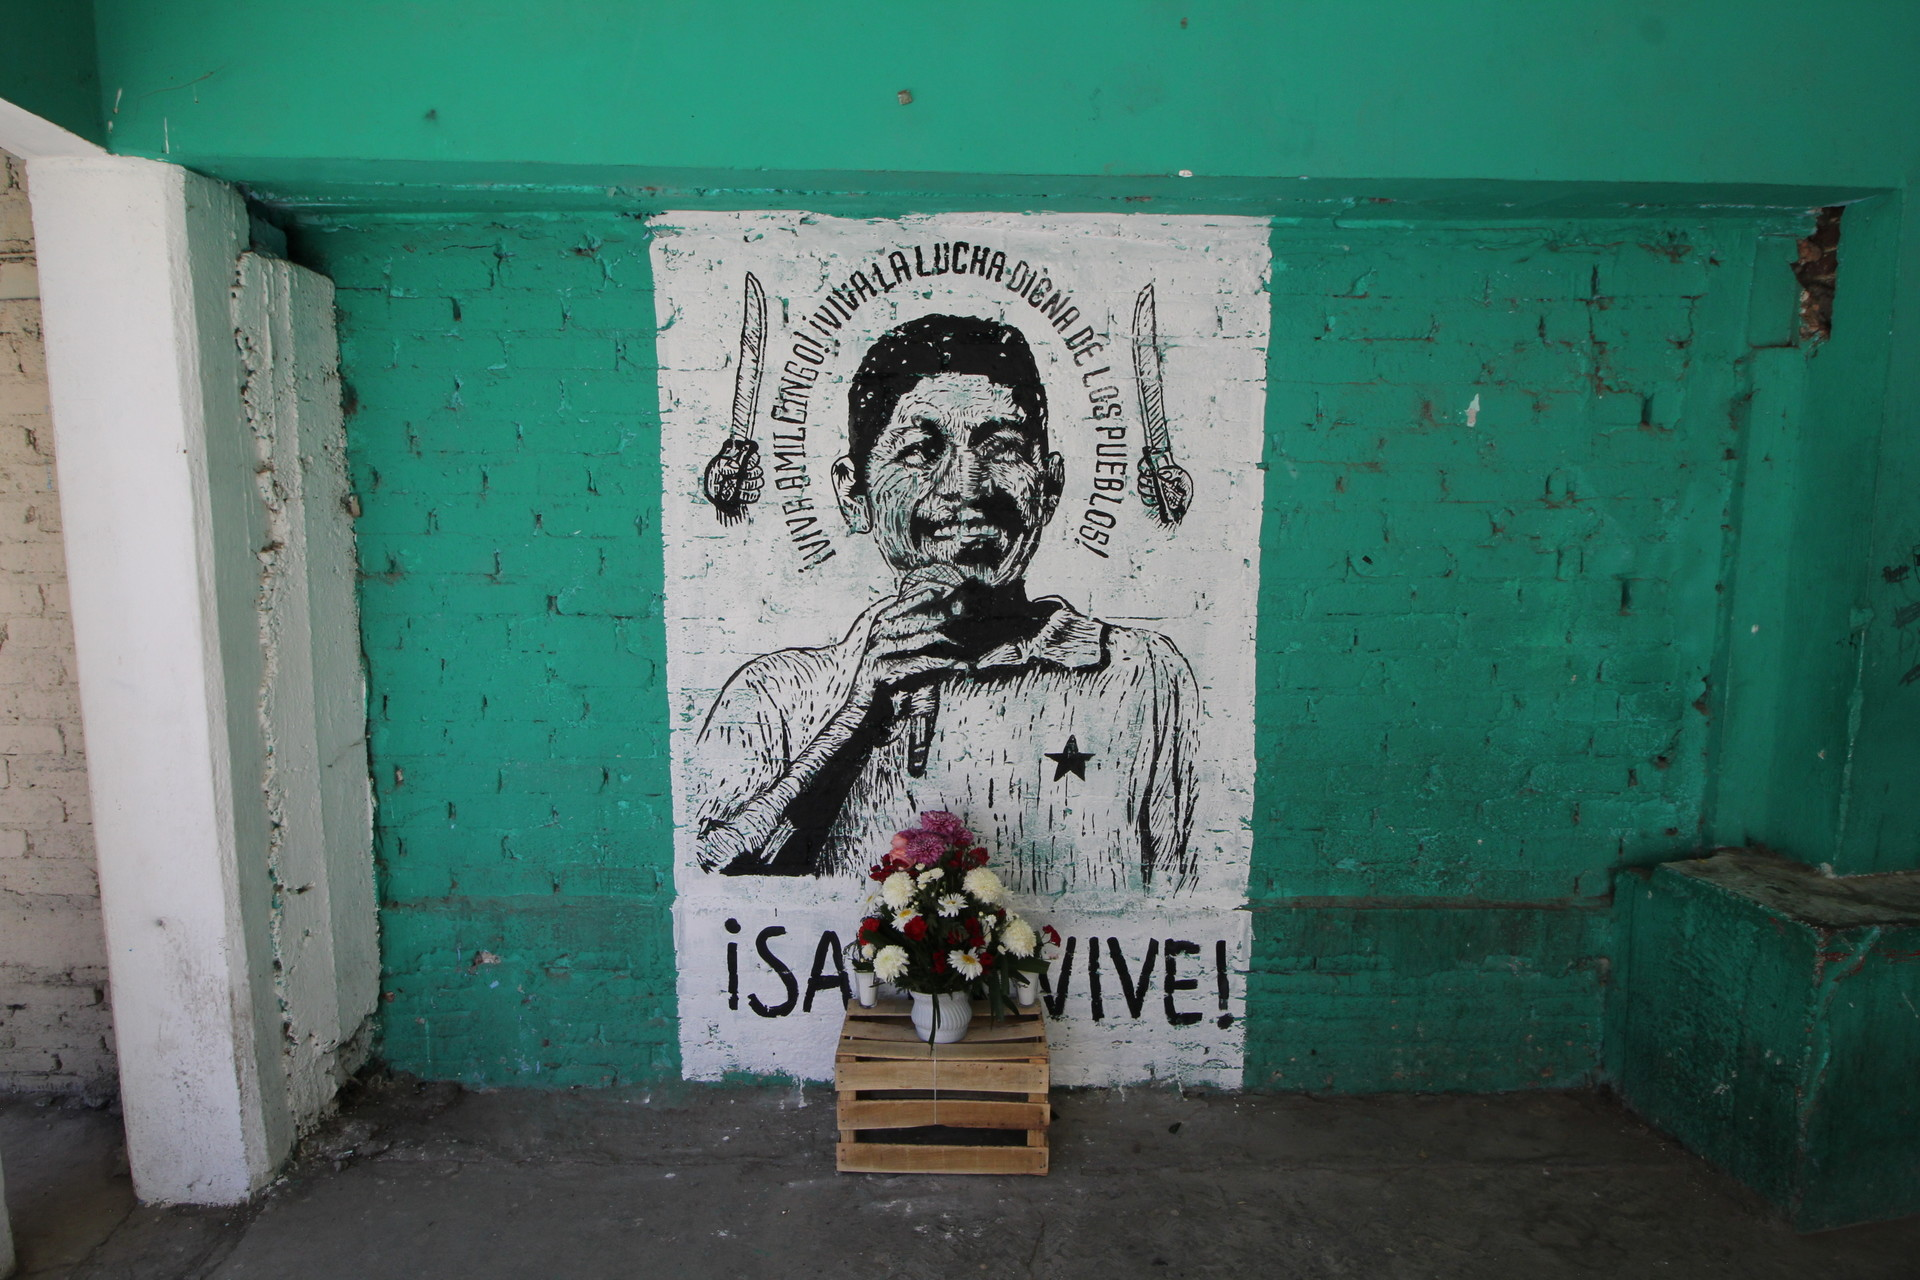 El asesinato de un líder popular desata el enojo de varios pueblos en contra de López Obrador (Morelos)